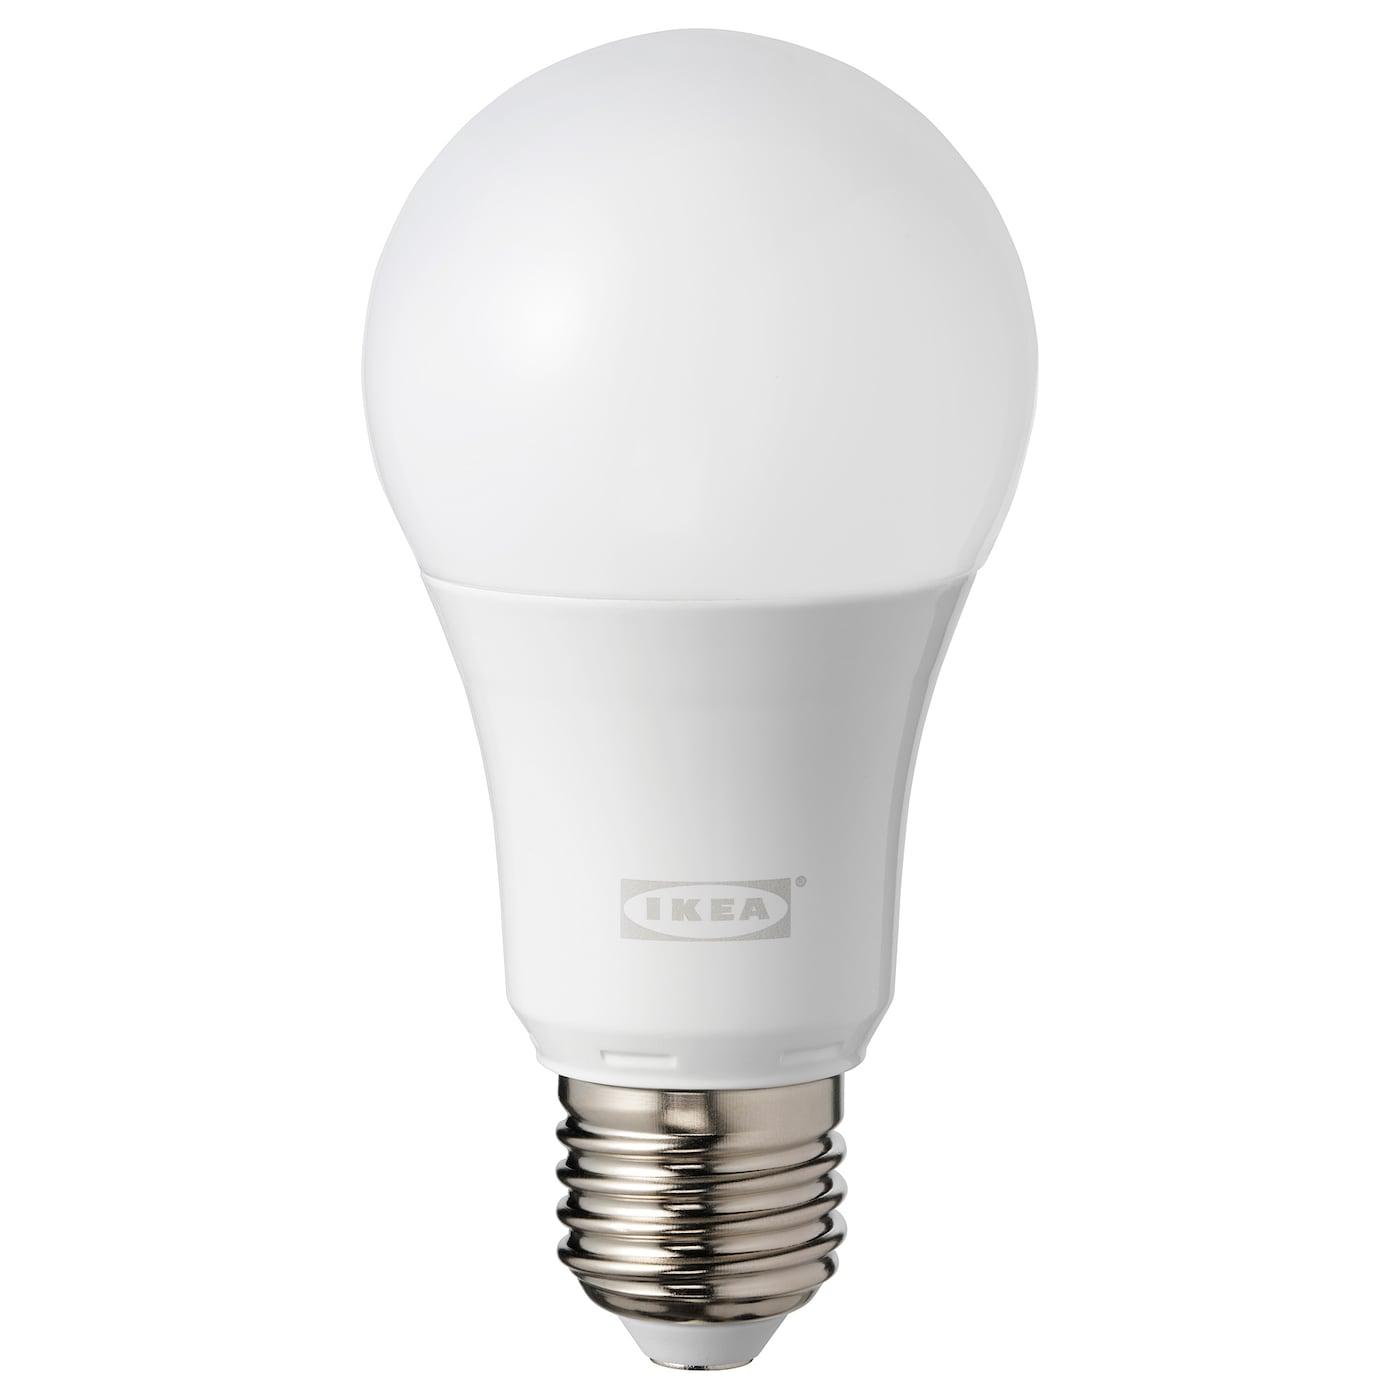 Leuchtmittel IKEA TRADFRI LED-Lampe in opalweiß; rund; E27; 1000lm; dimmbar; A